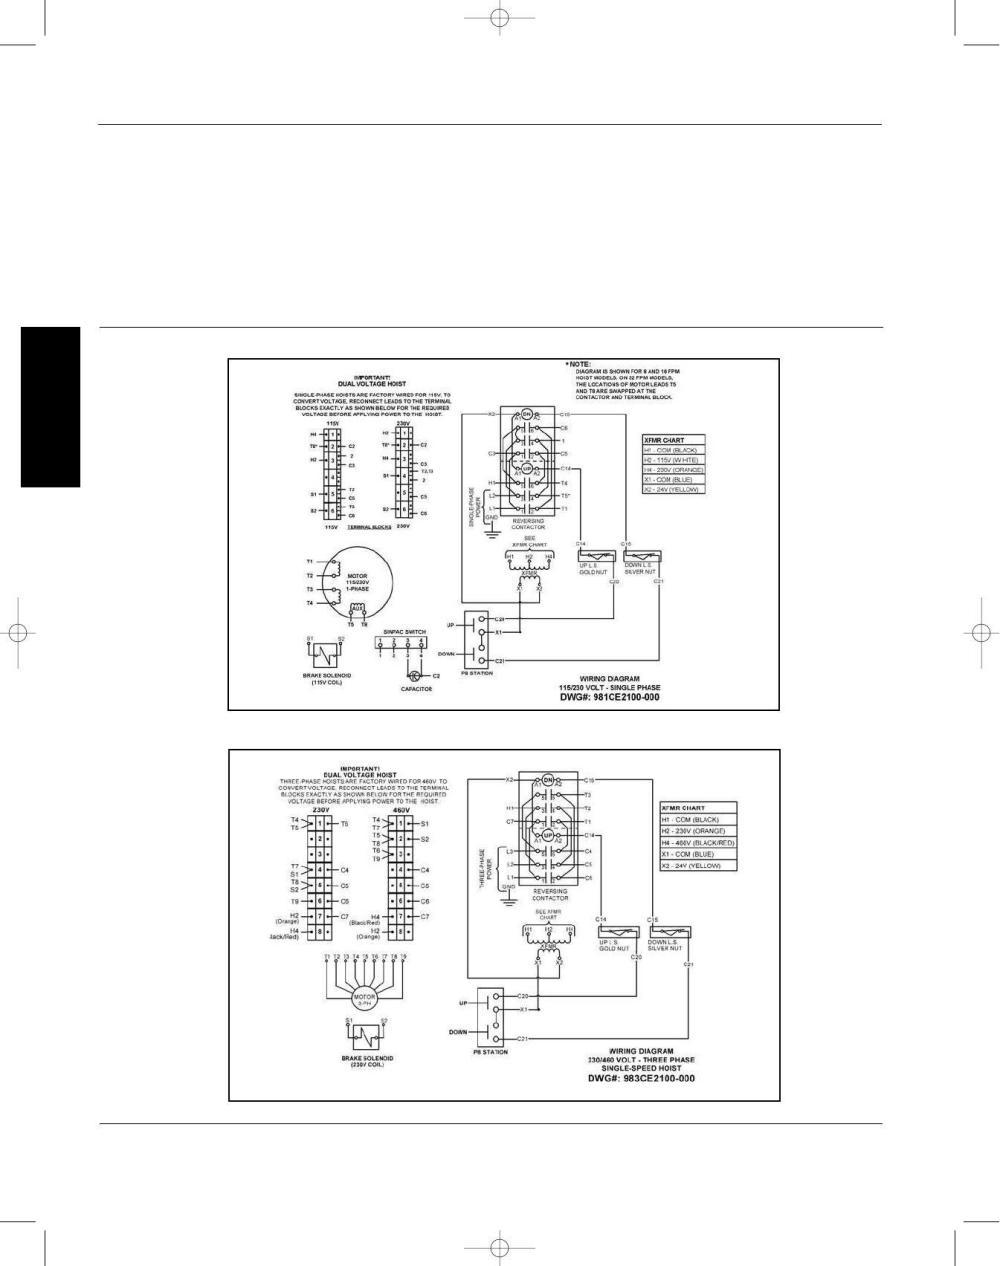 medium resolution of dayton 3yb72 3yb99 3ye10 3ye15 operating instructions and parts manual page 14